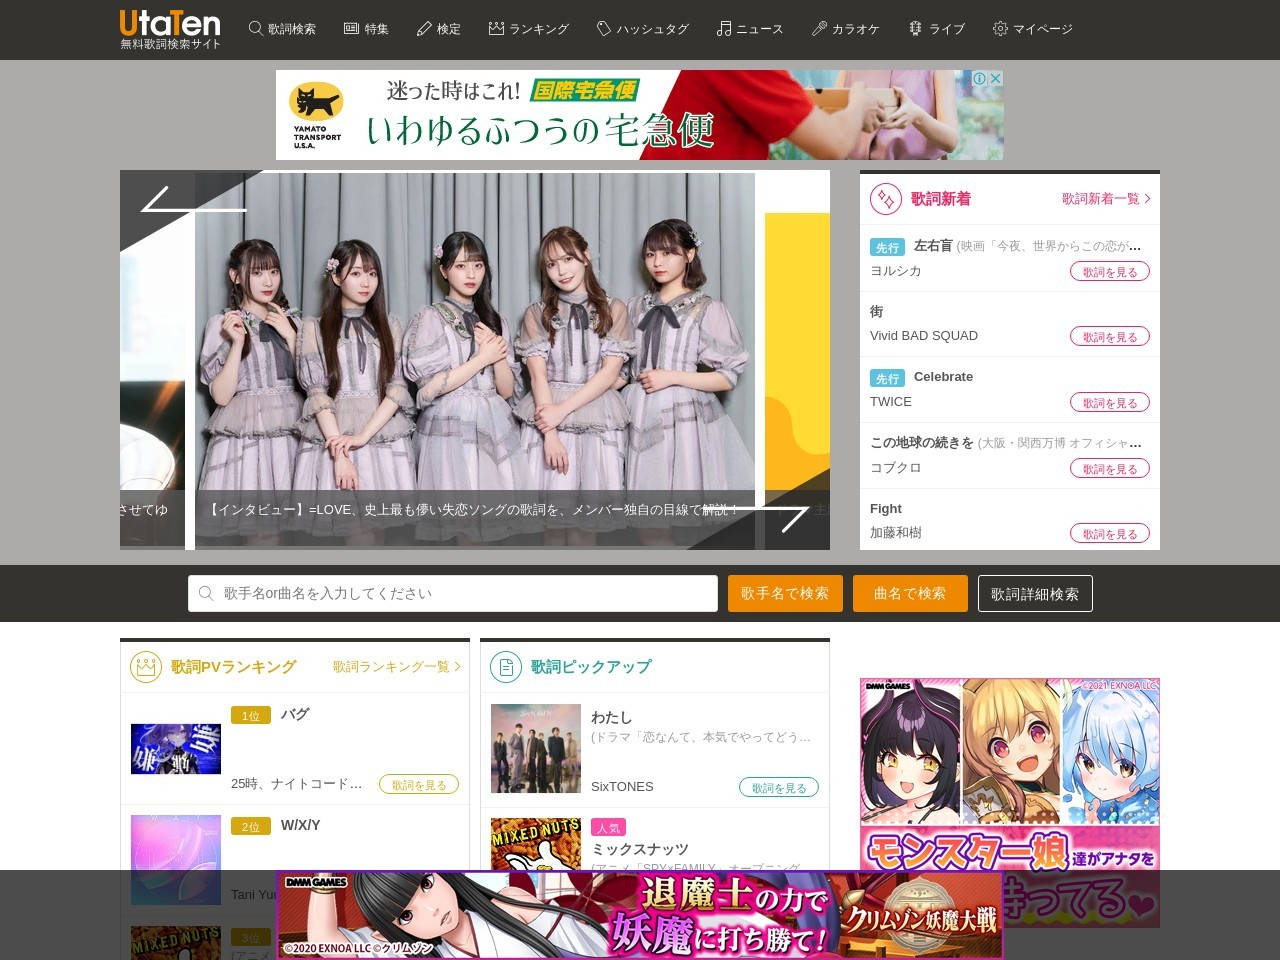 Red Swan 歌詞「YOSHIKI feat.HYDE」ふりがな付|歌詞検索サイト【UtaTen】